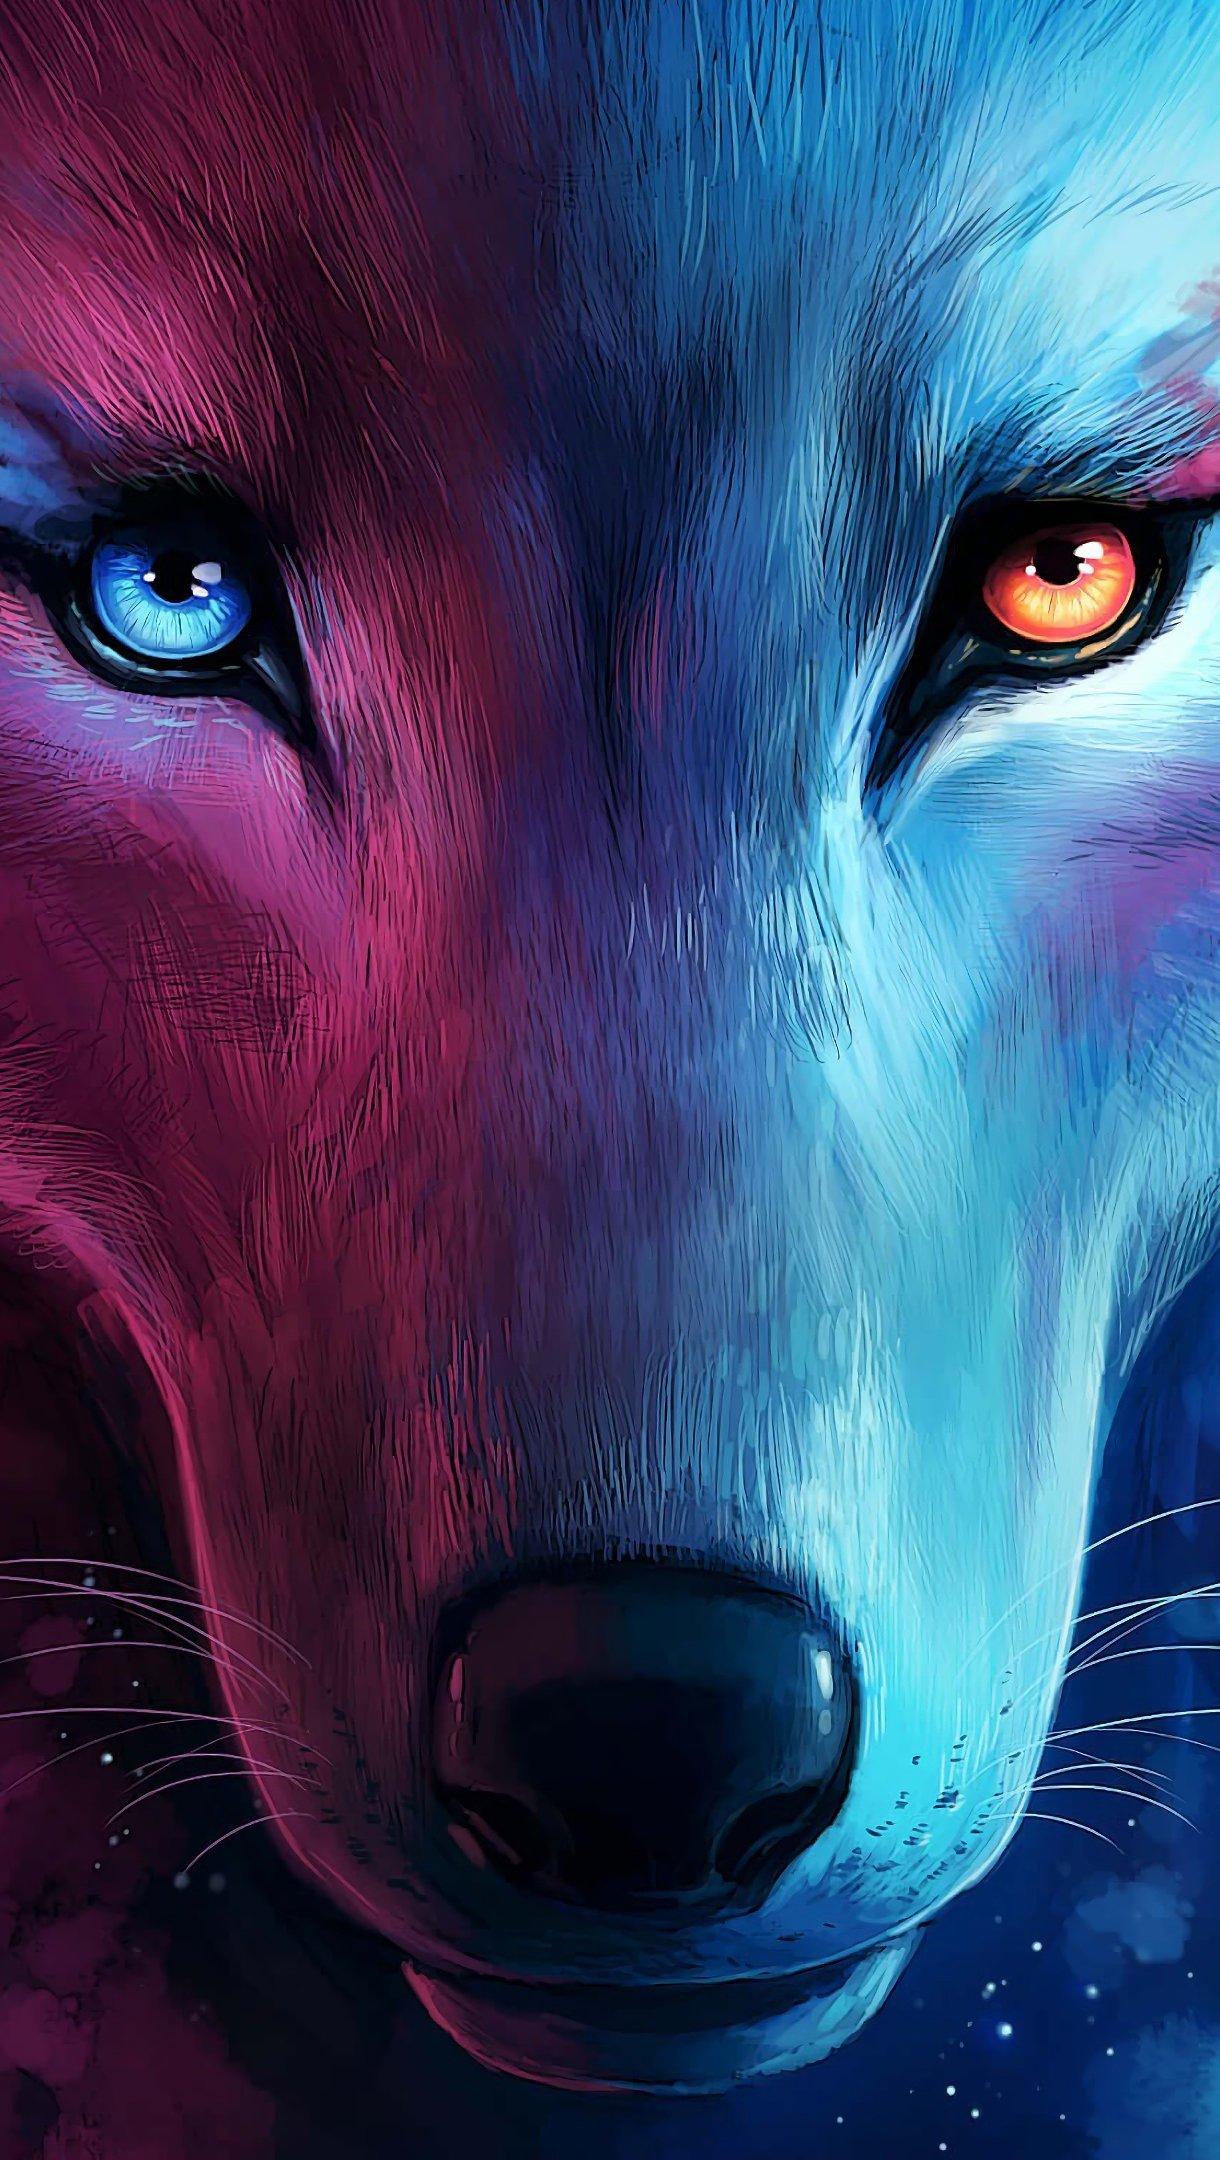 Fondos de pantalla Animación artística de lobo Vertical